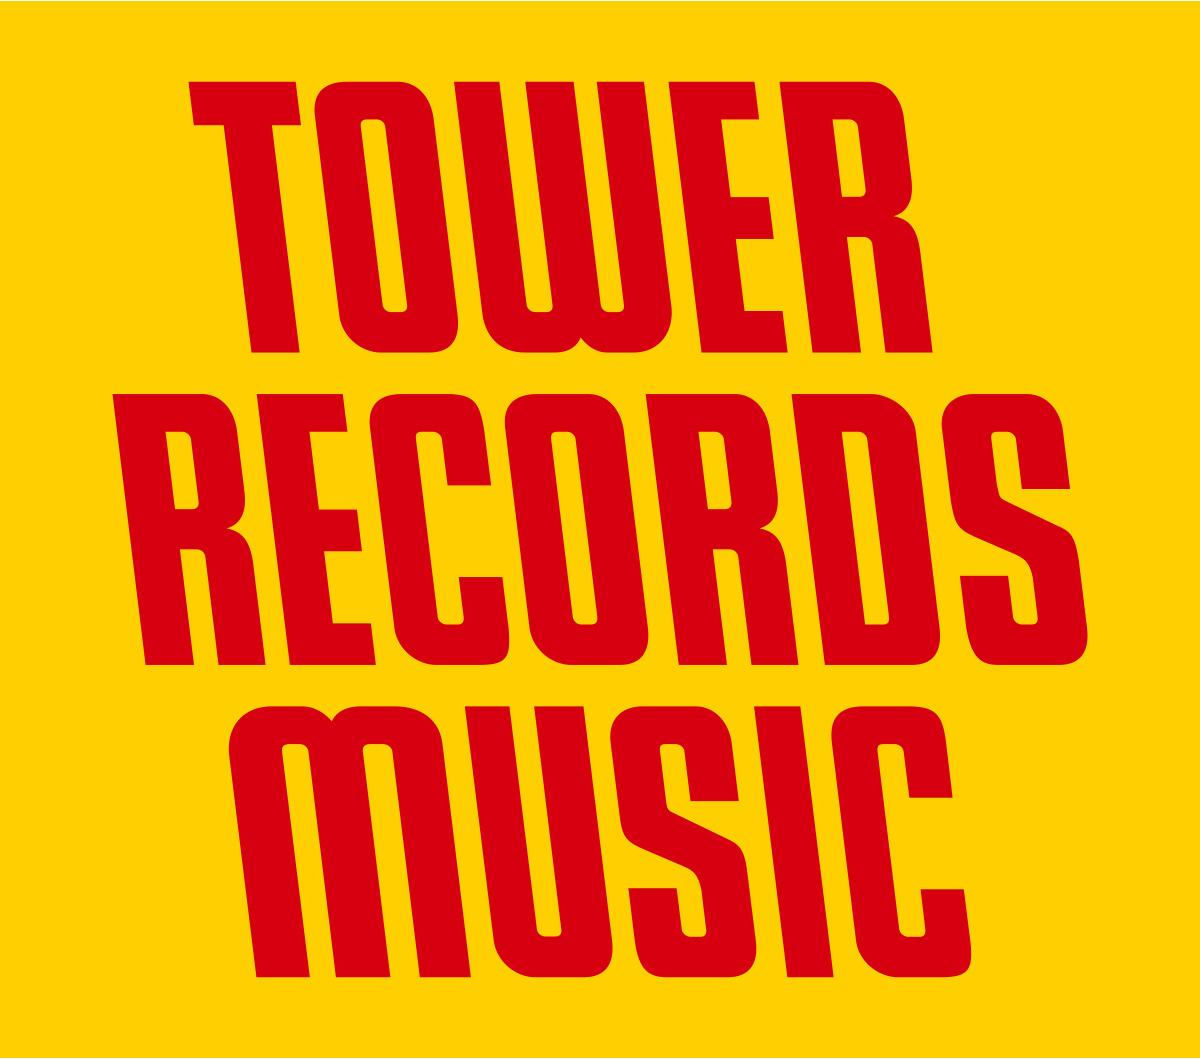 タワレコとレコチョクがサブスク〈TOWER RECORDS MUSIC〉をスタート 6,000万曲聴き放題の定額サービス